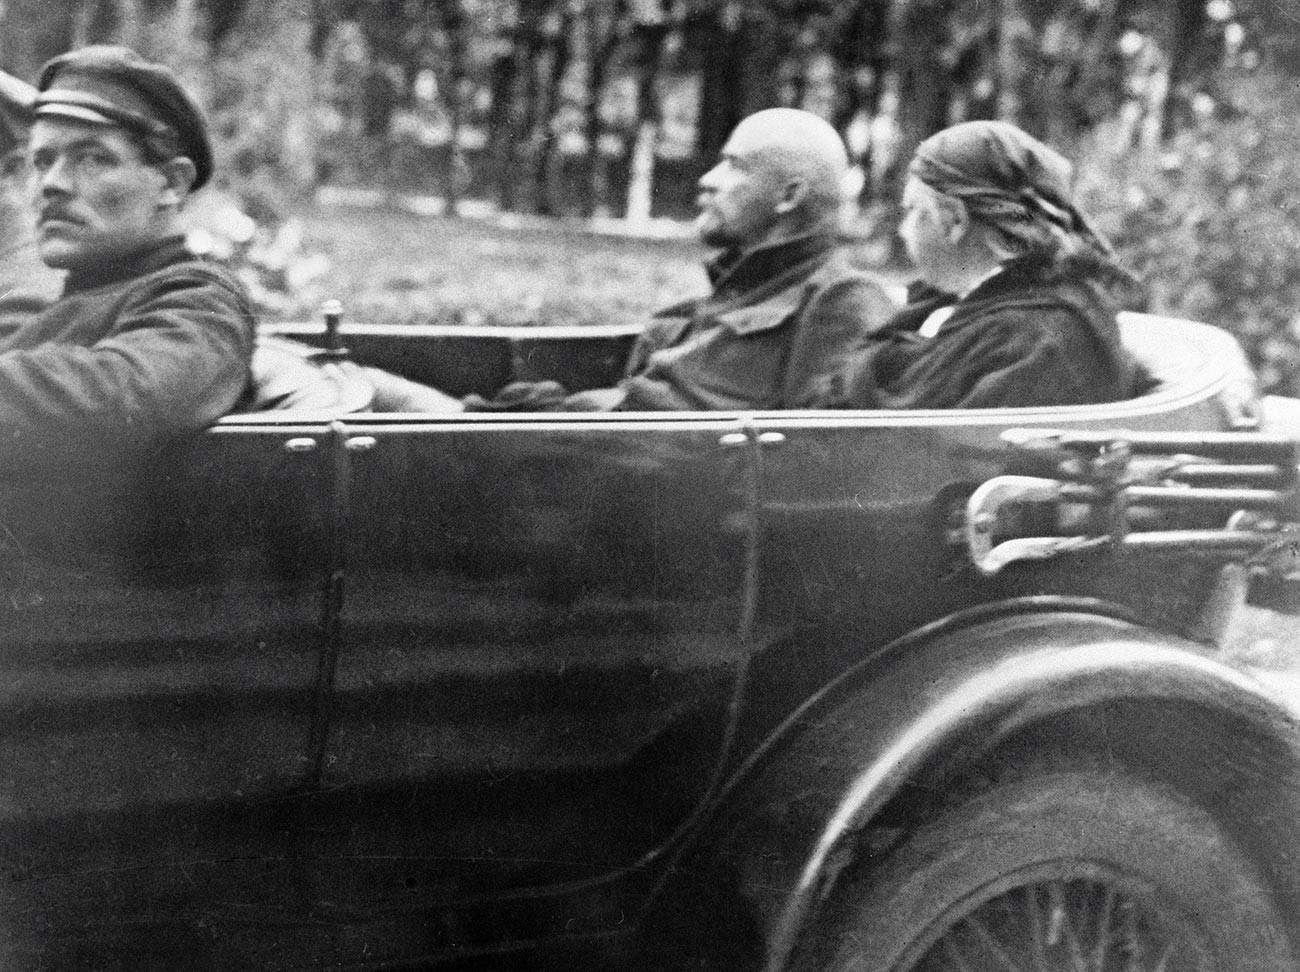 Lenin dan istrinya Nadezhda Krupskaya berkeliling di perkebunan Gorki milik mereka dekat Moskow.